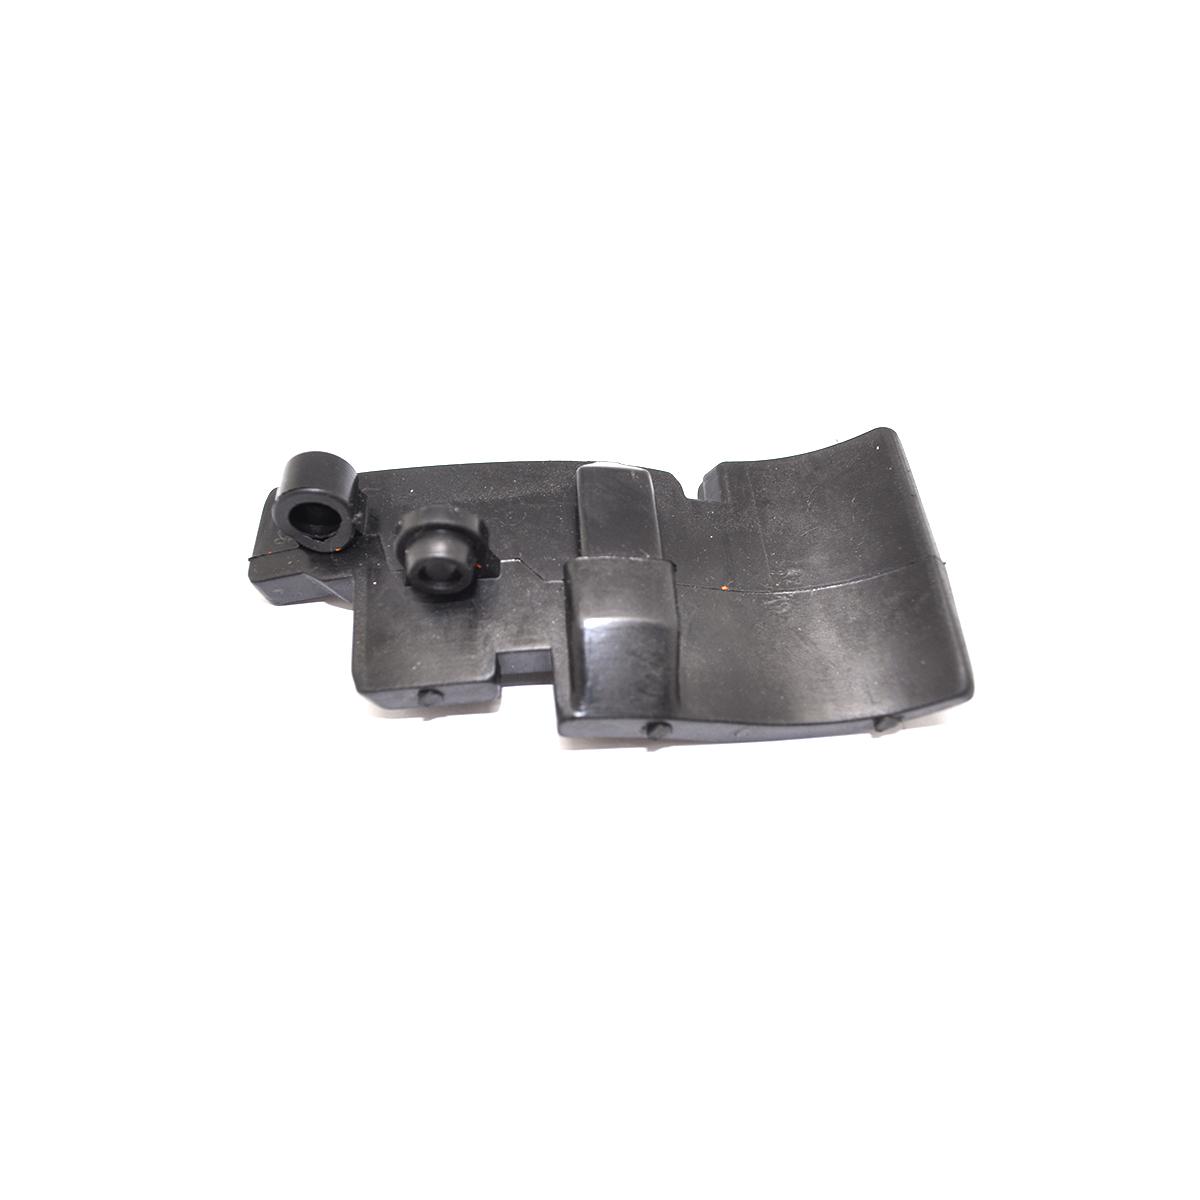 Chip Guard Deflector 503762902 fits Chainsaw Husqvarna 362 365 371 372 385